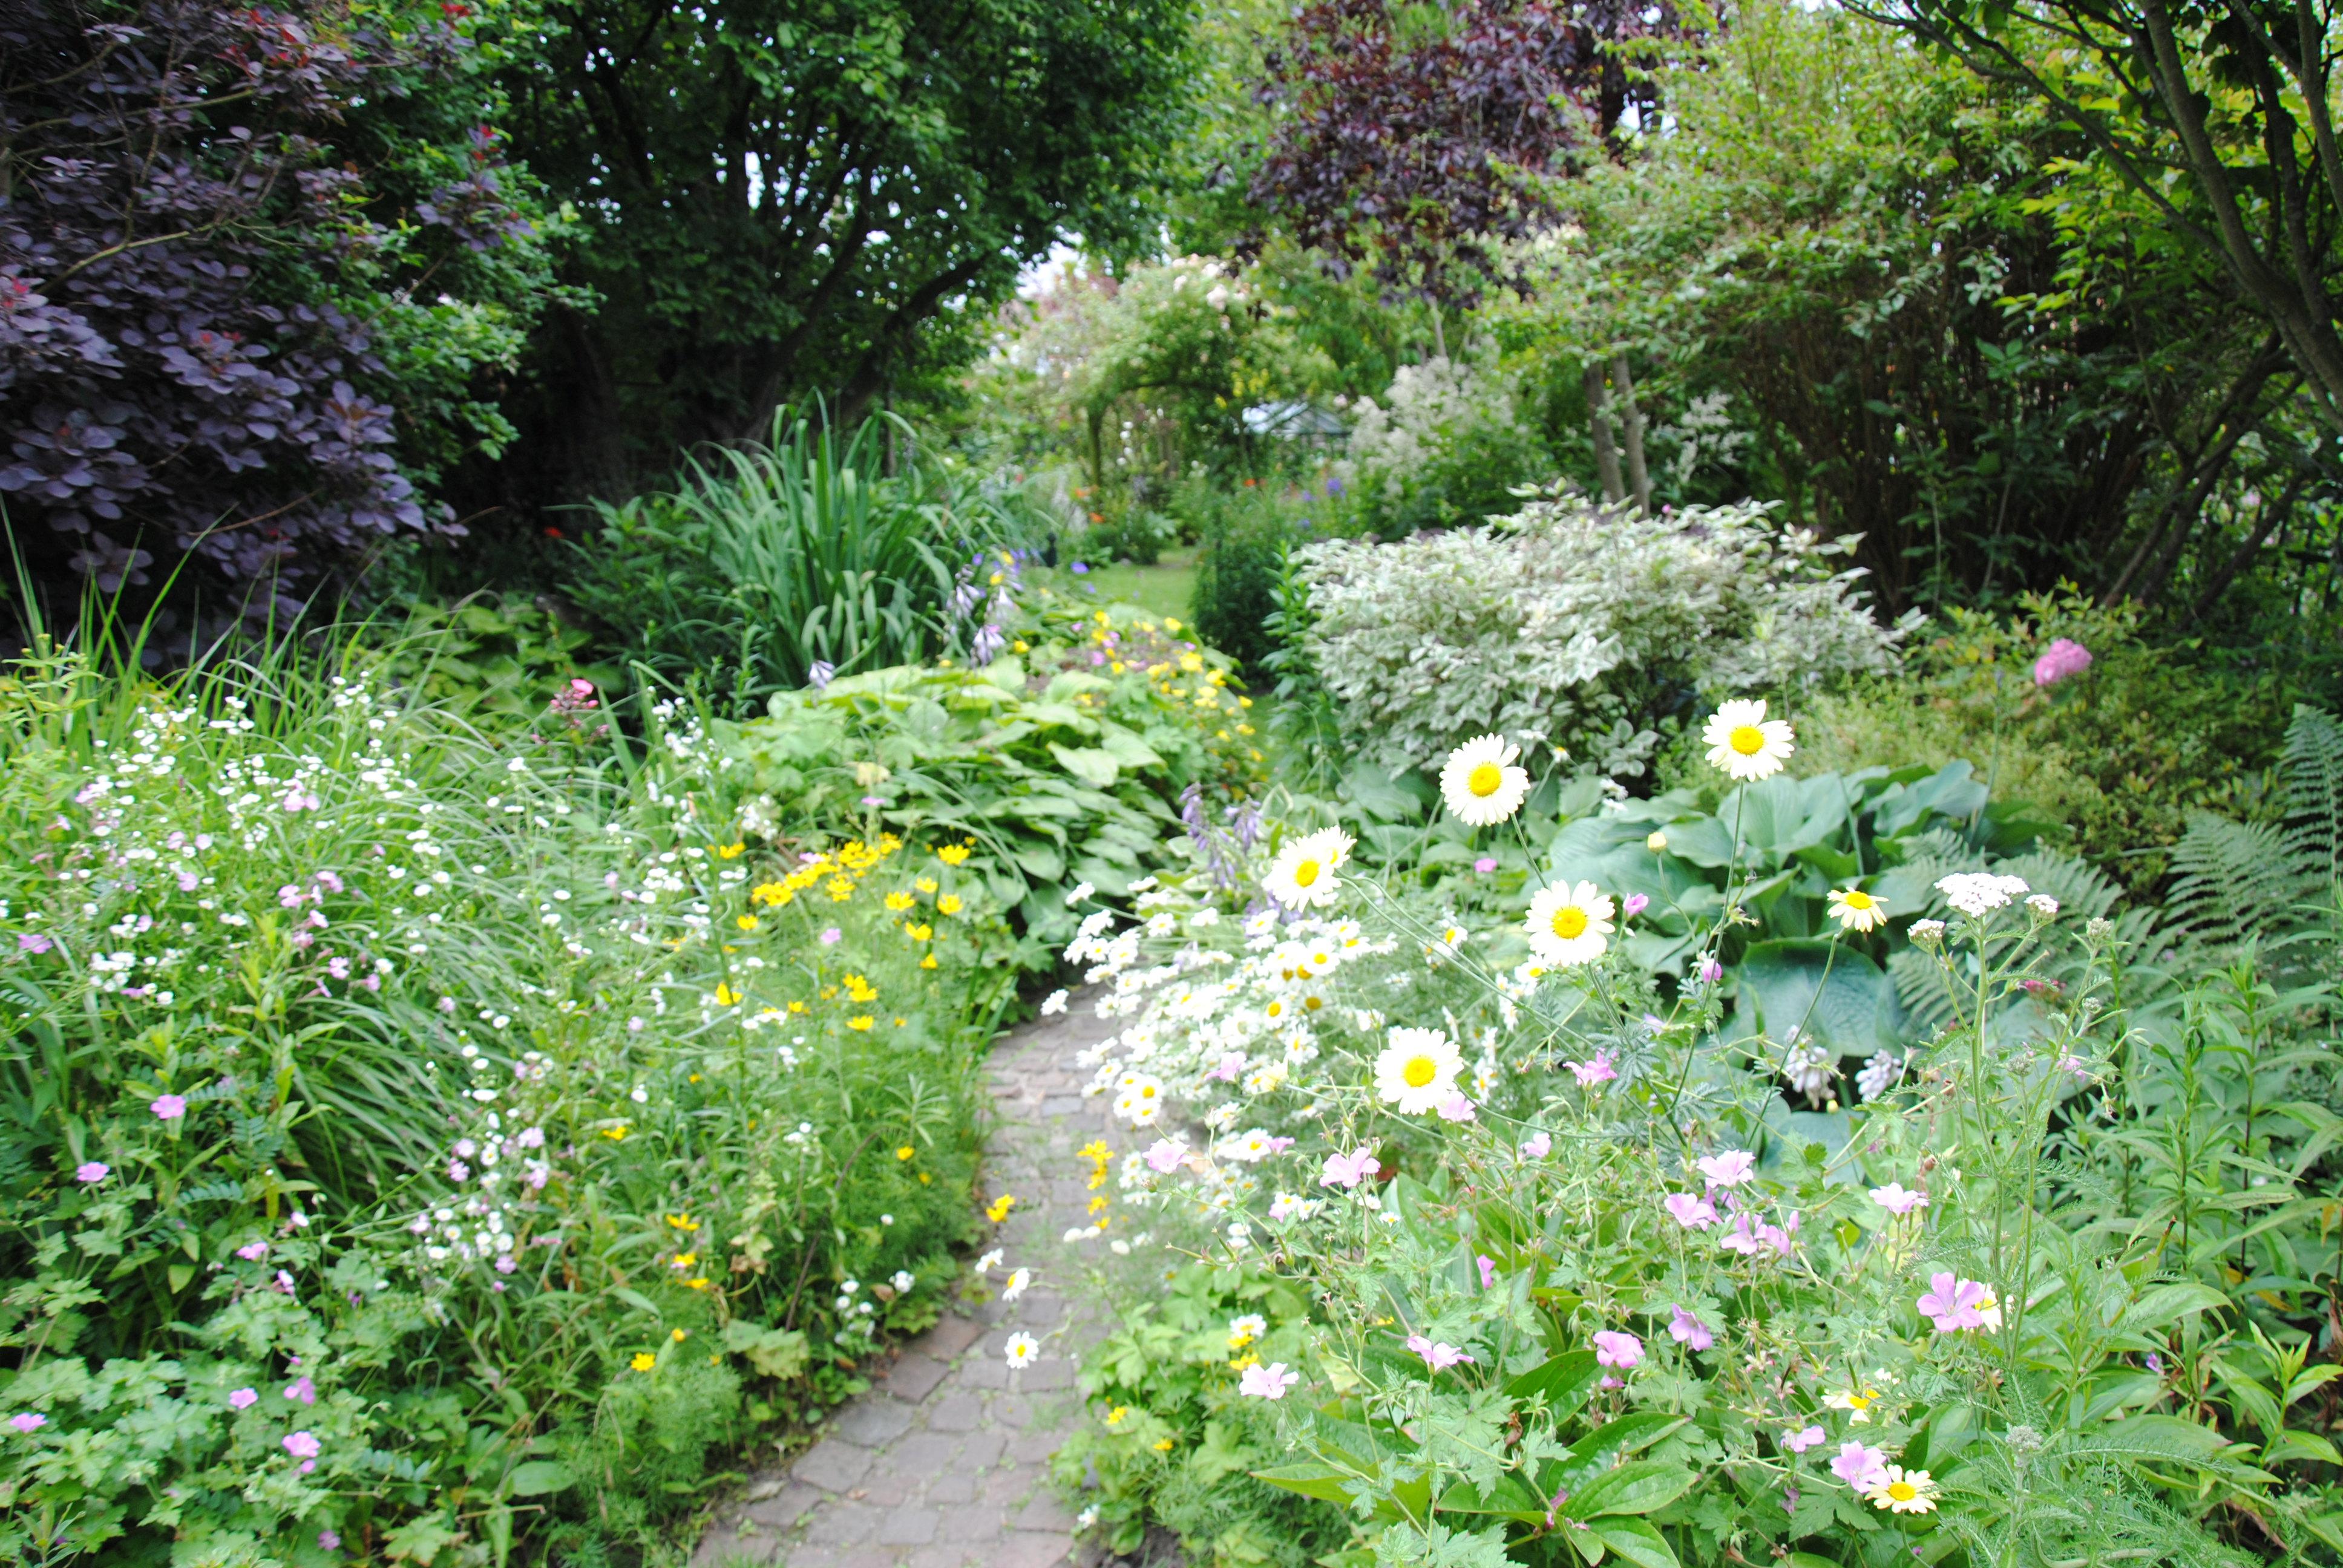 les-cheminements-paves-permettent-de-passer-de-jardin-en-jardin-mais-aussi-a-linterieur-meme-des-massifs-c-a-guillaumin